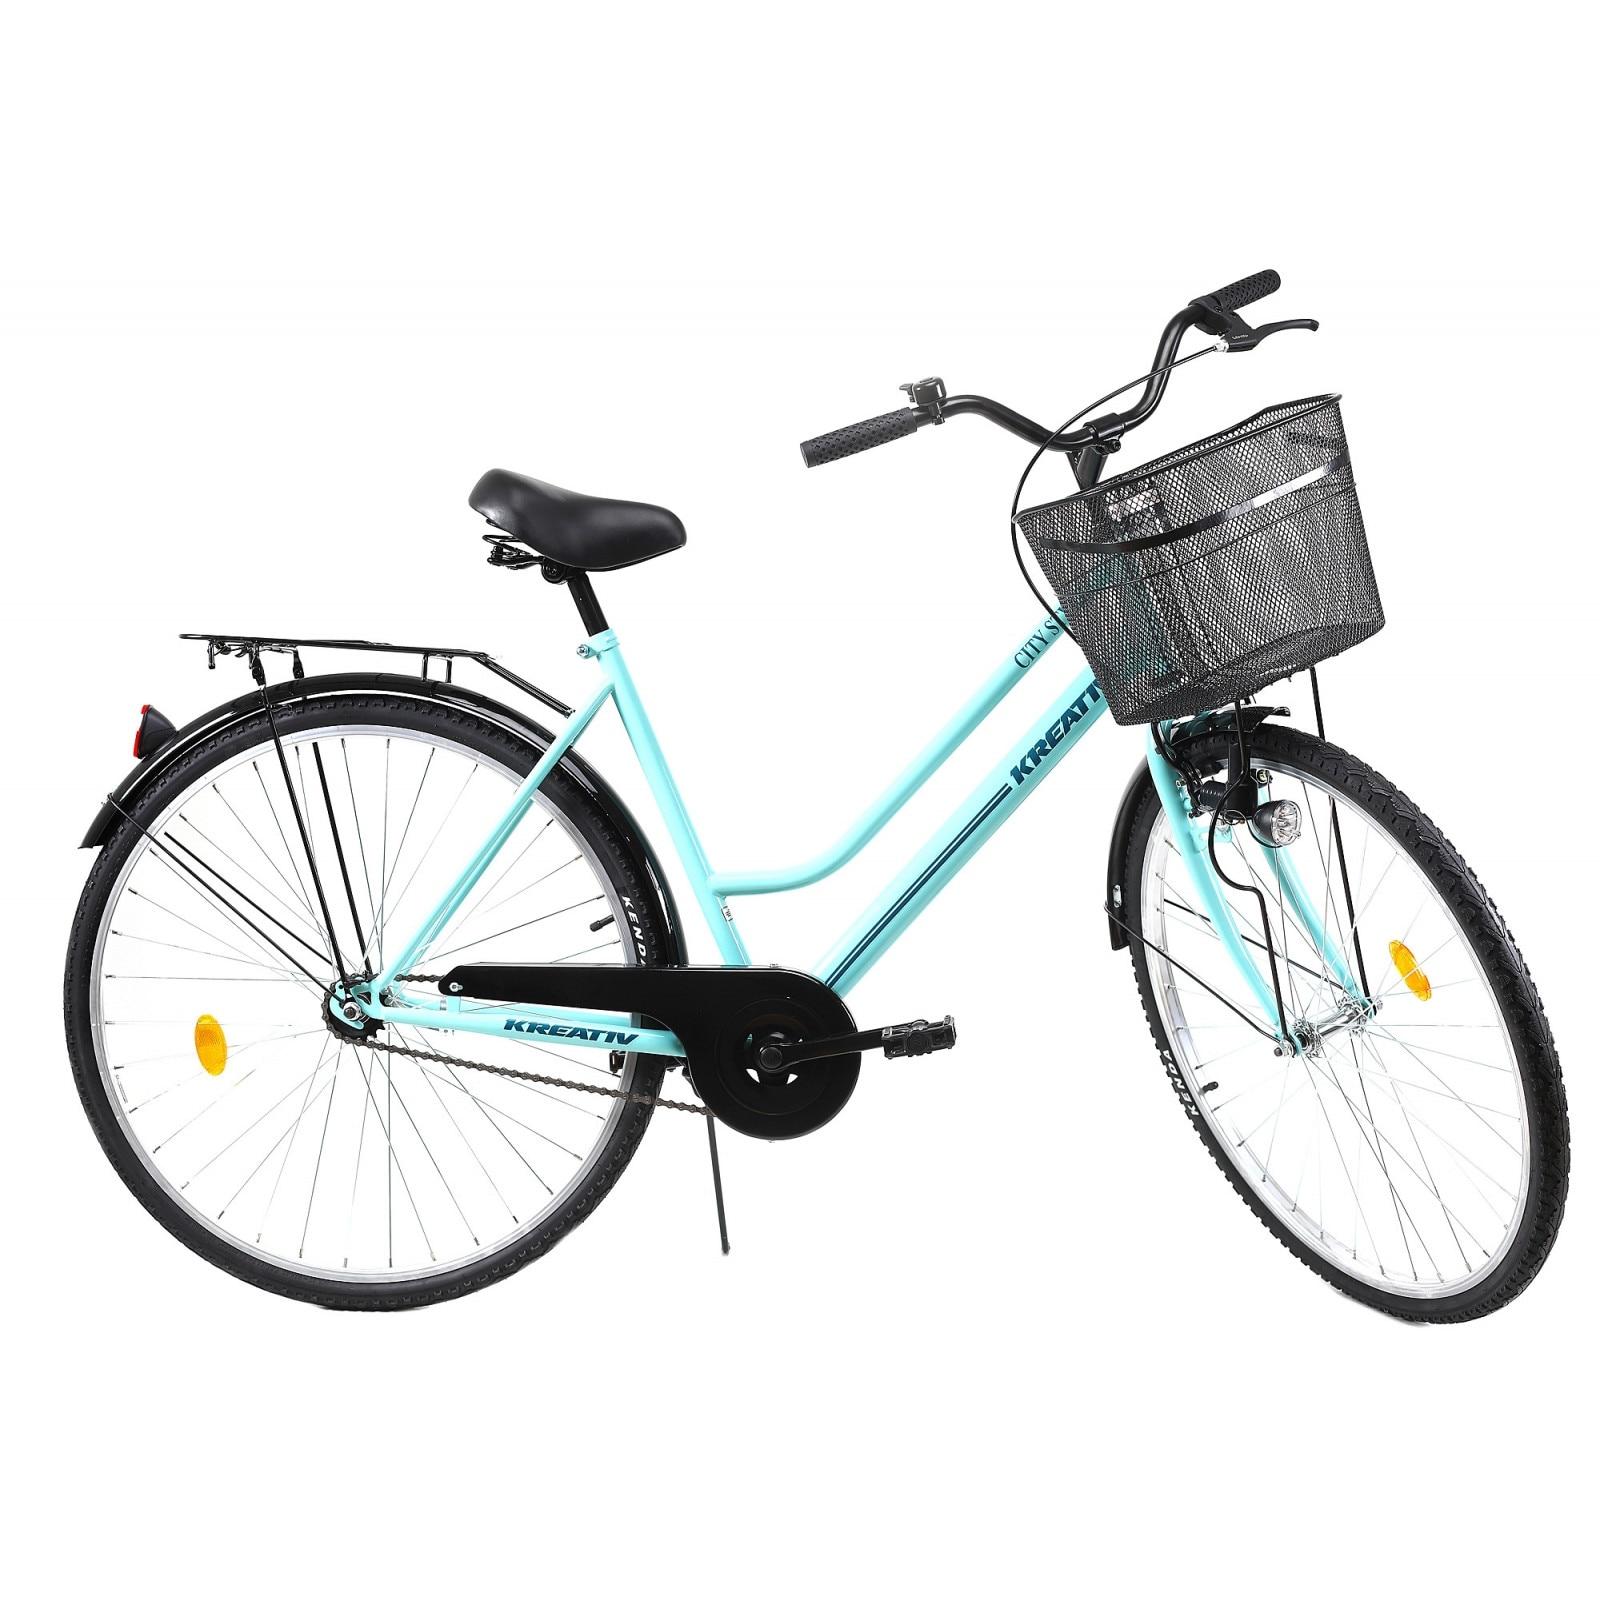 Cautam bicicleta orasului MAN)